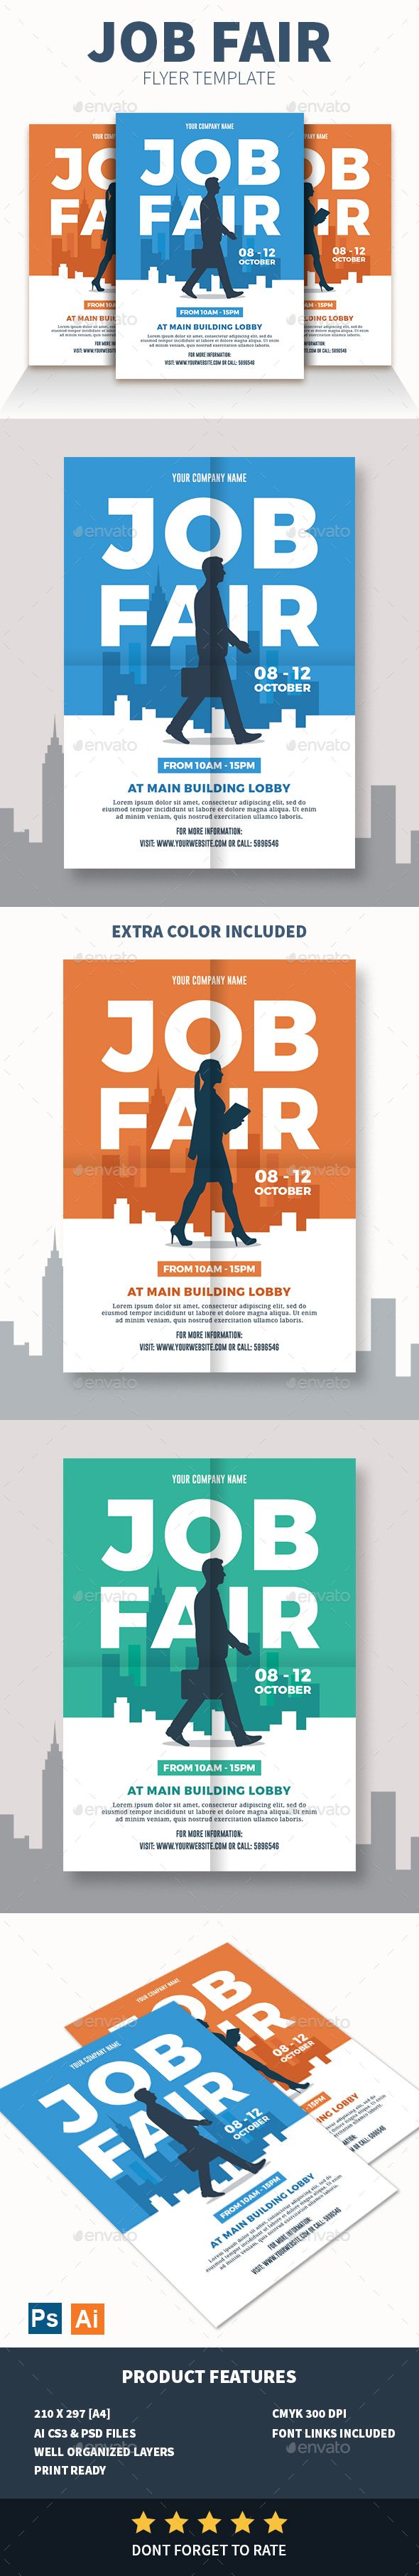 Job fair flyer pinterest job fair flyer template and template maxwellsz